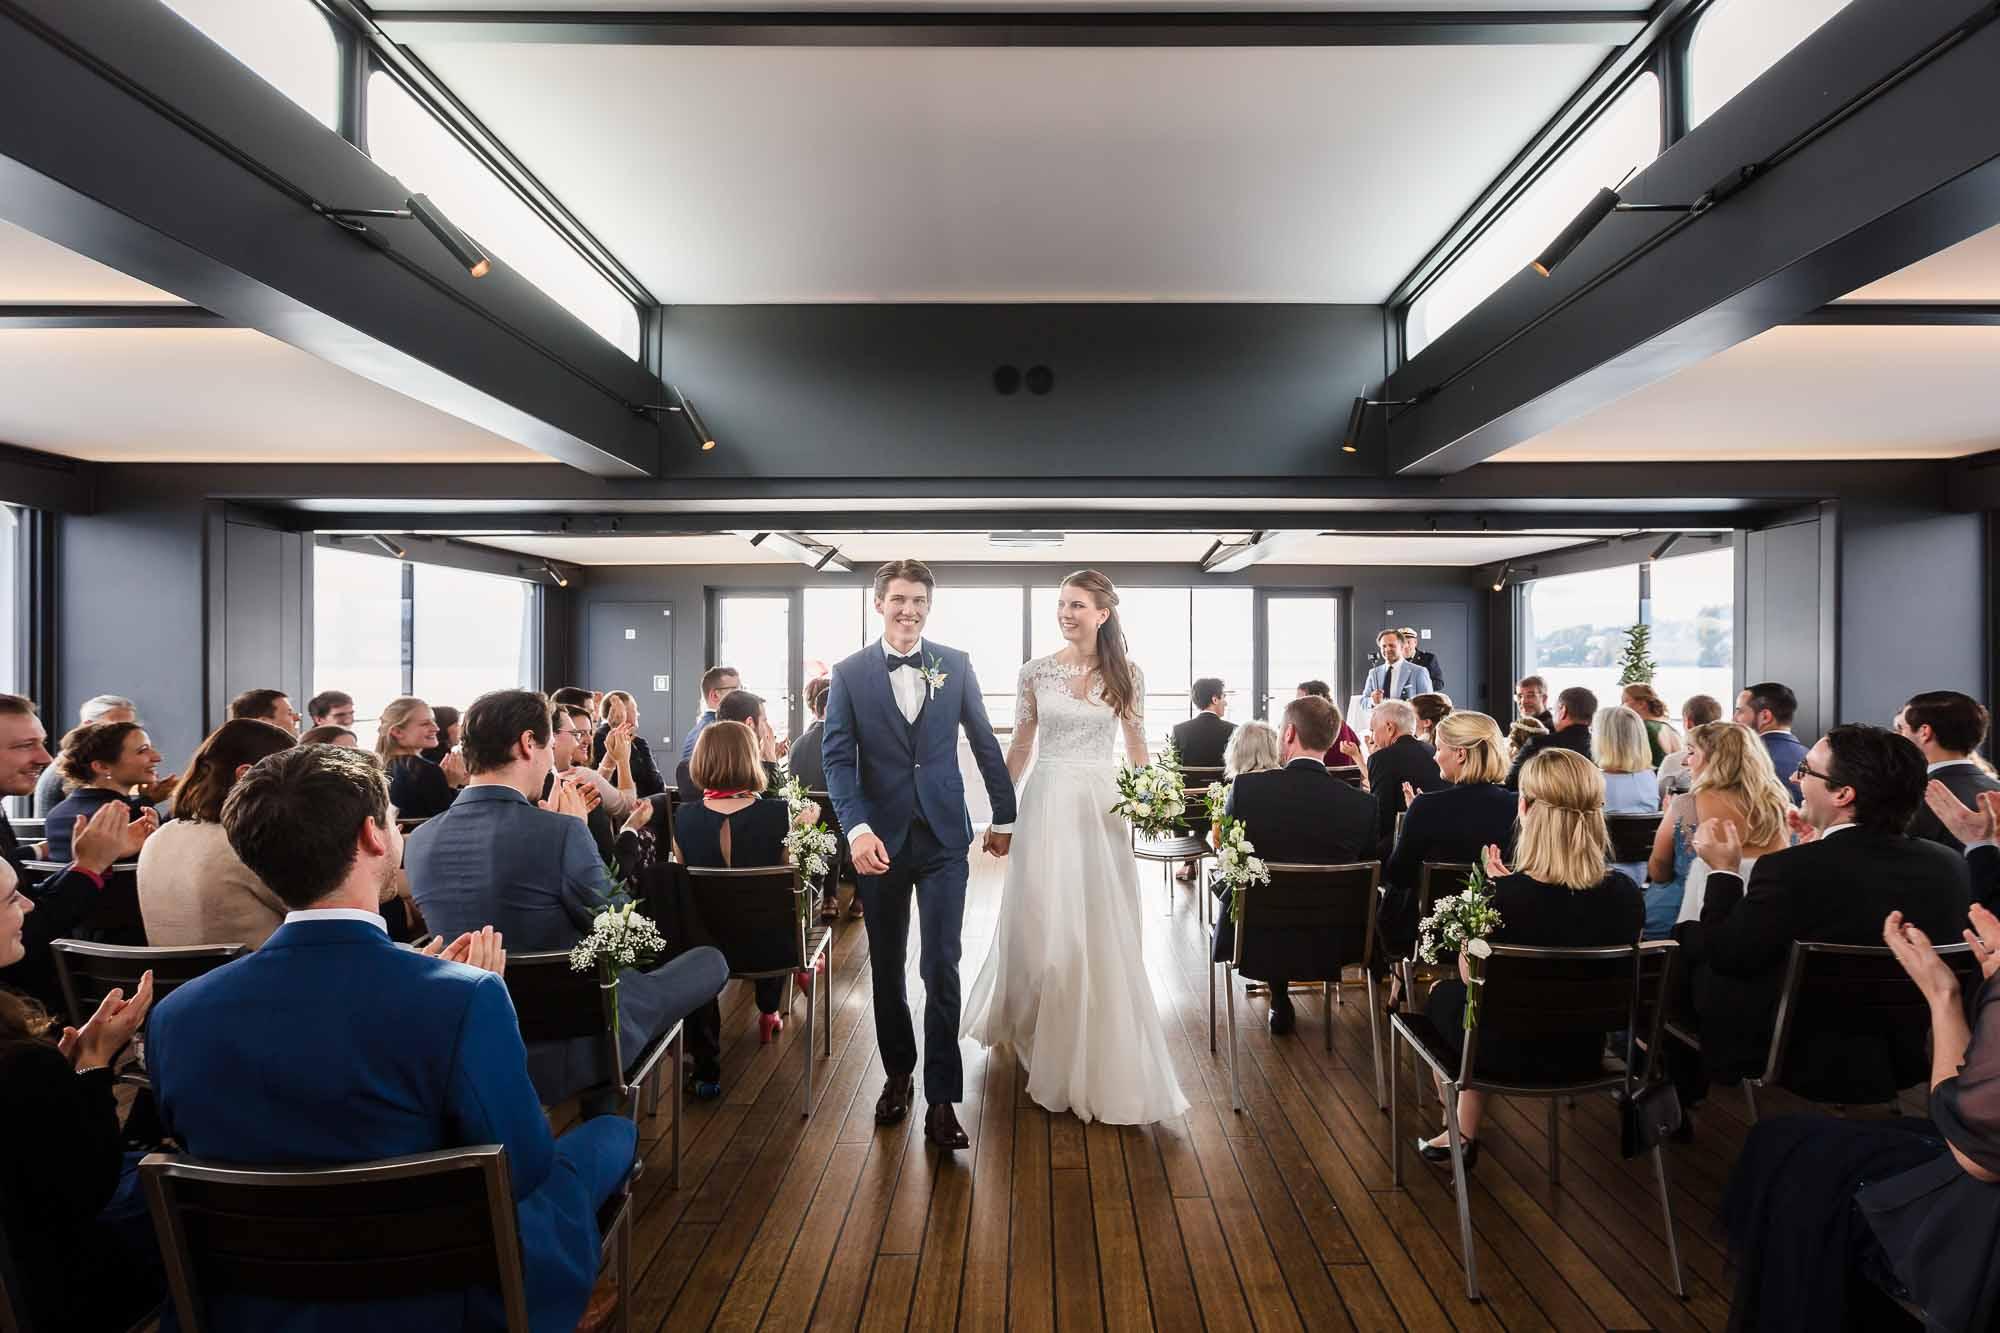 Hochzeitsfotograf Luzern mit Trauung auf Schiff